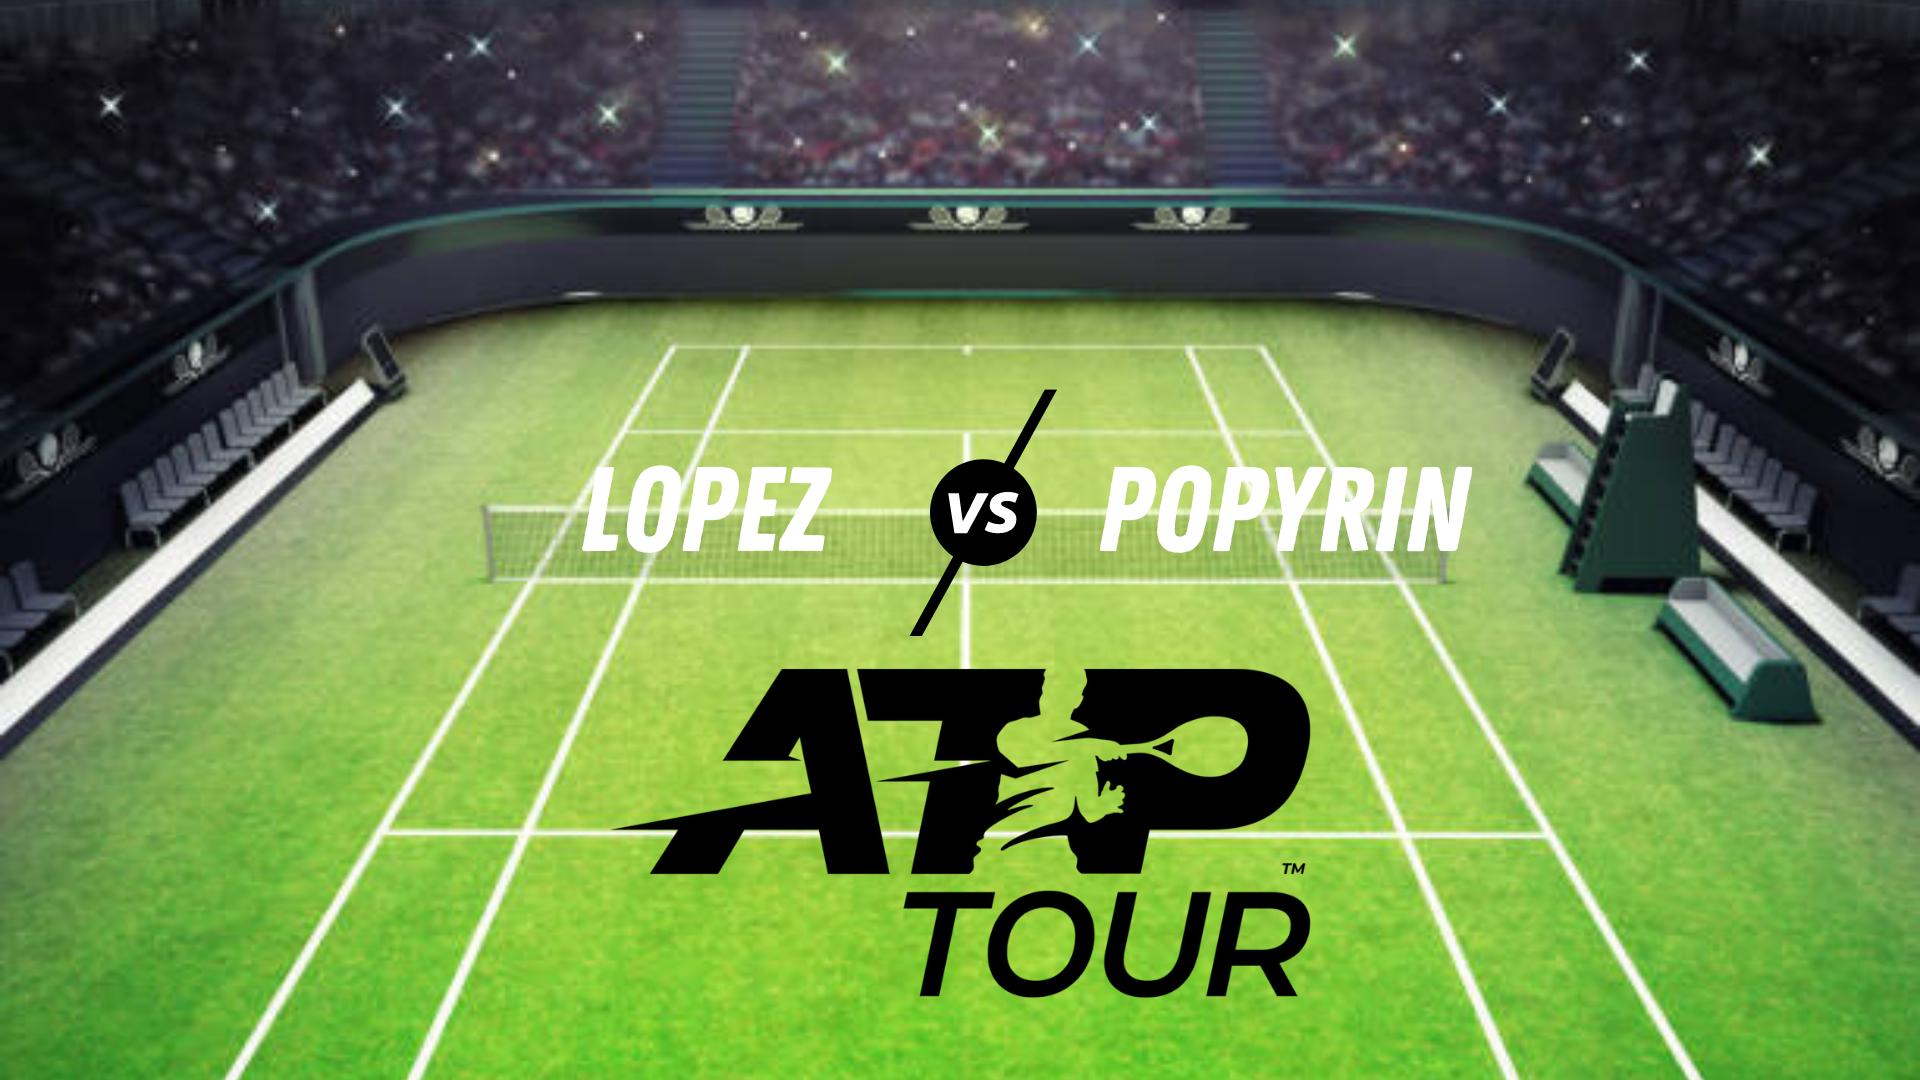 Lopez vs Popyrin